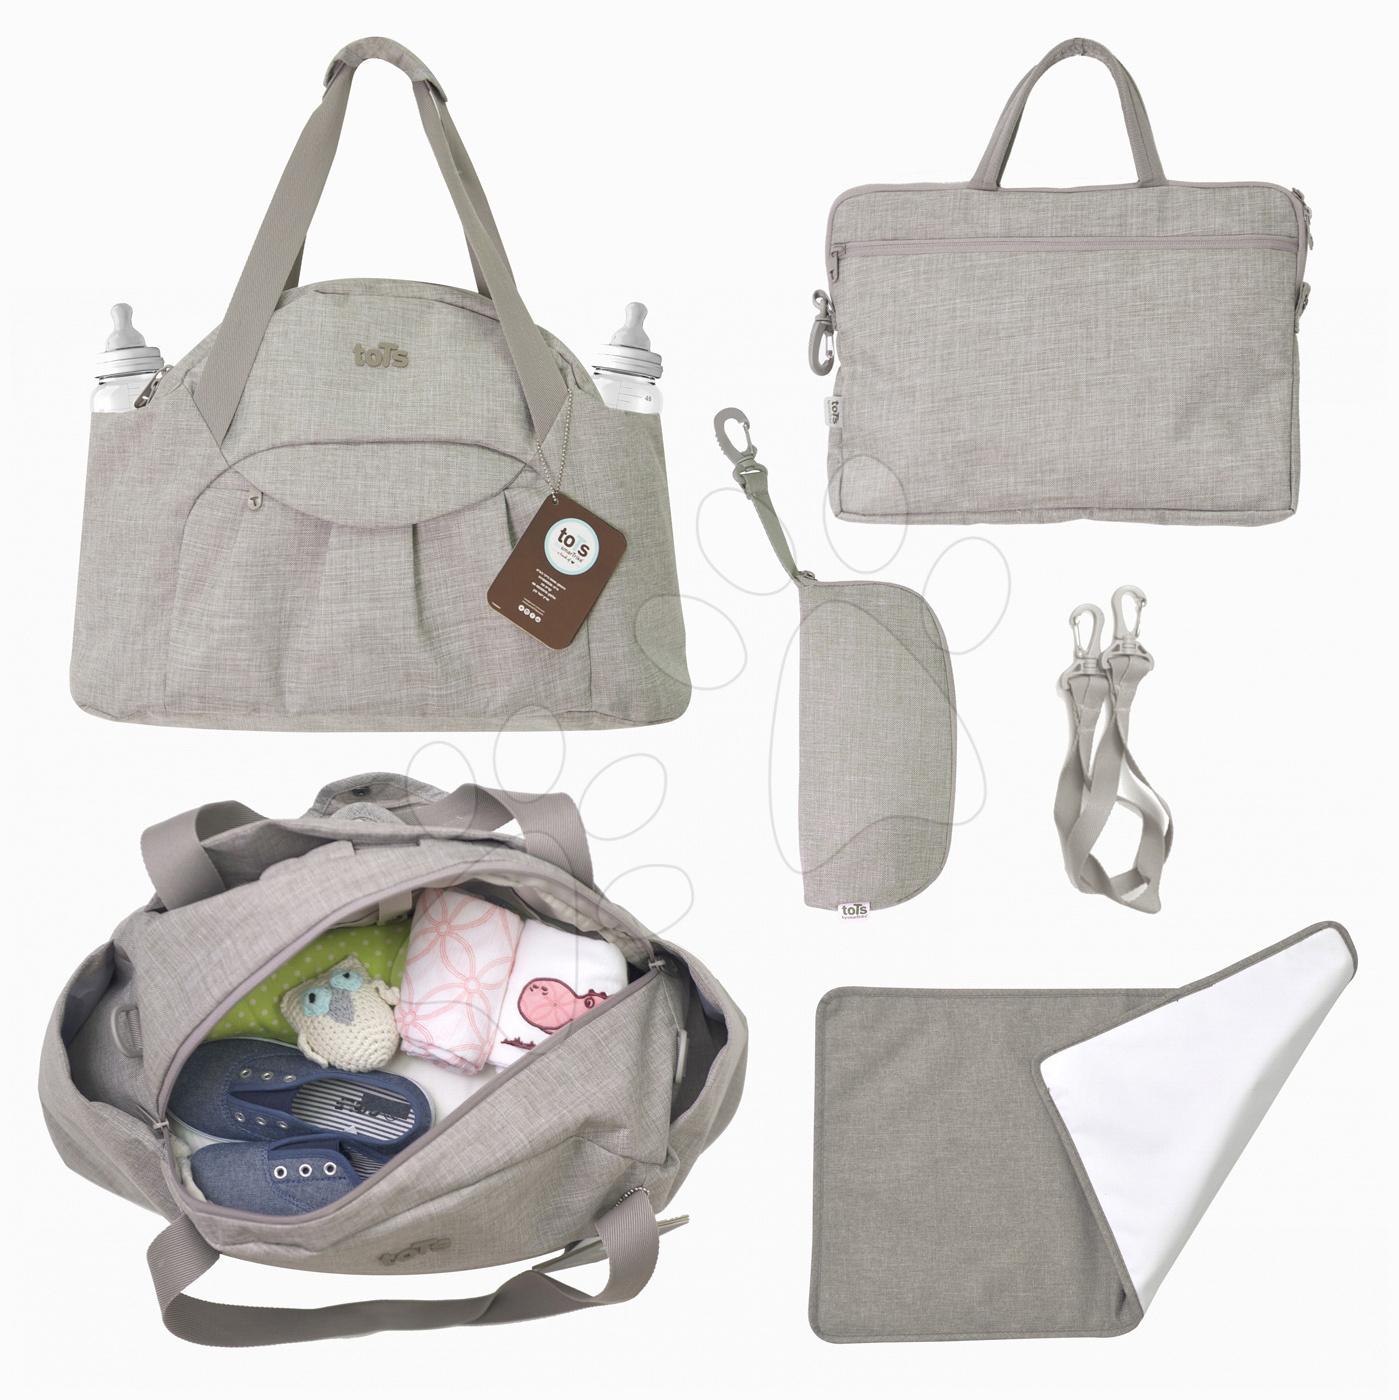 Previjalna torba Voyage 4v1 toTs-smarTrike z notranjo torbico in termo ovitkom za steklenico bež